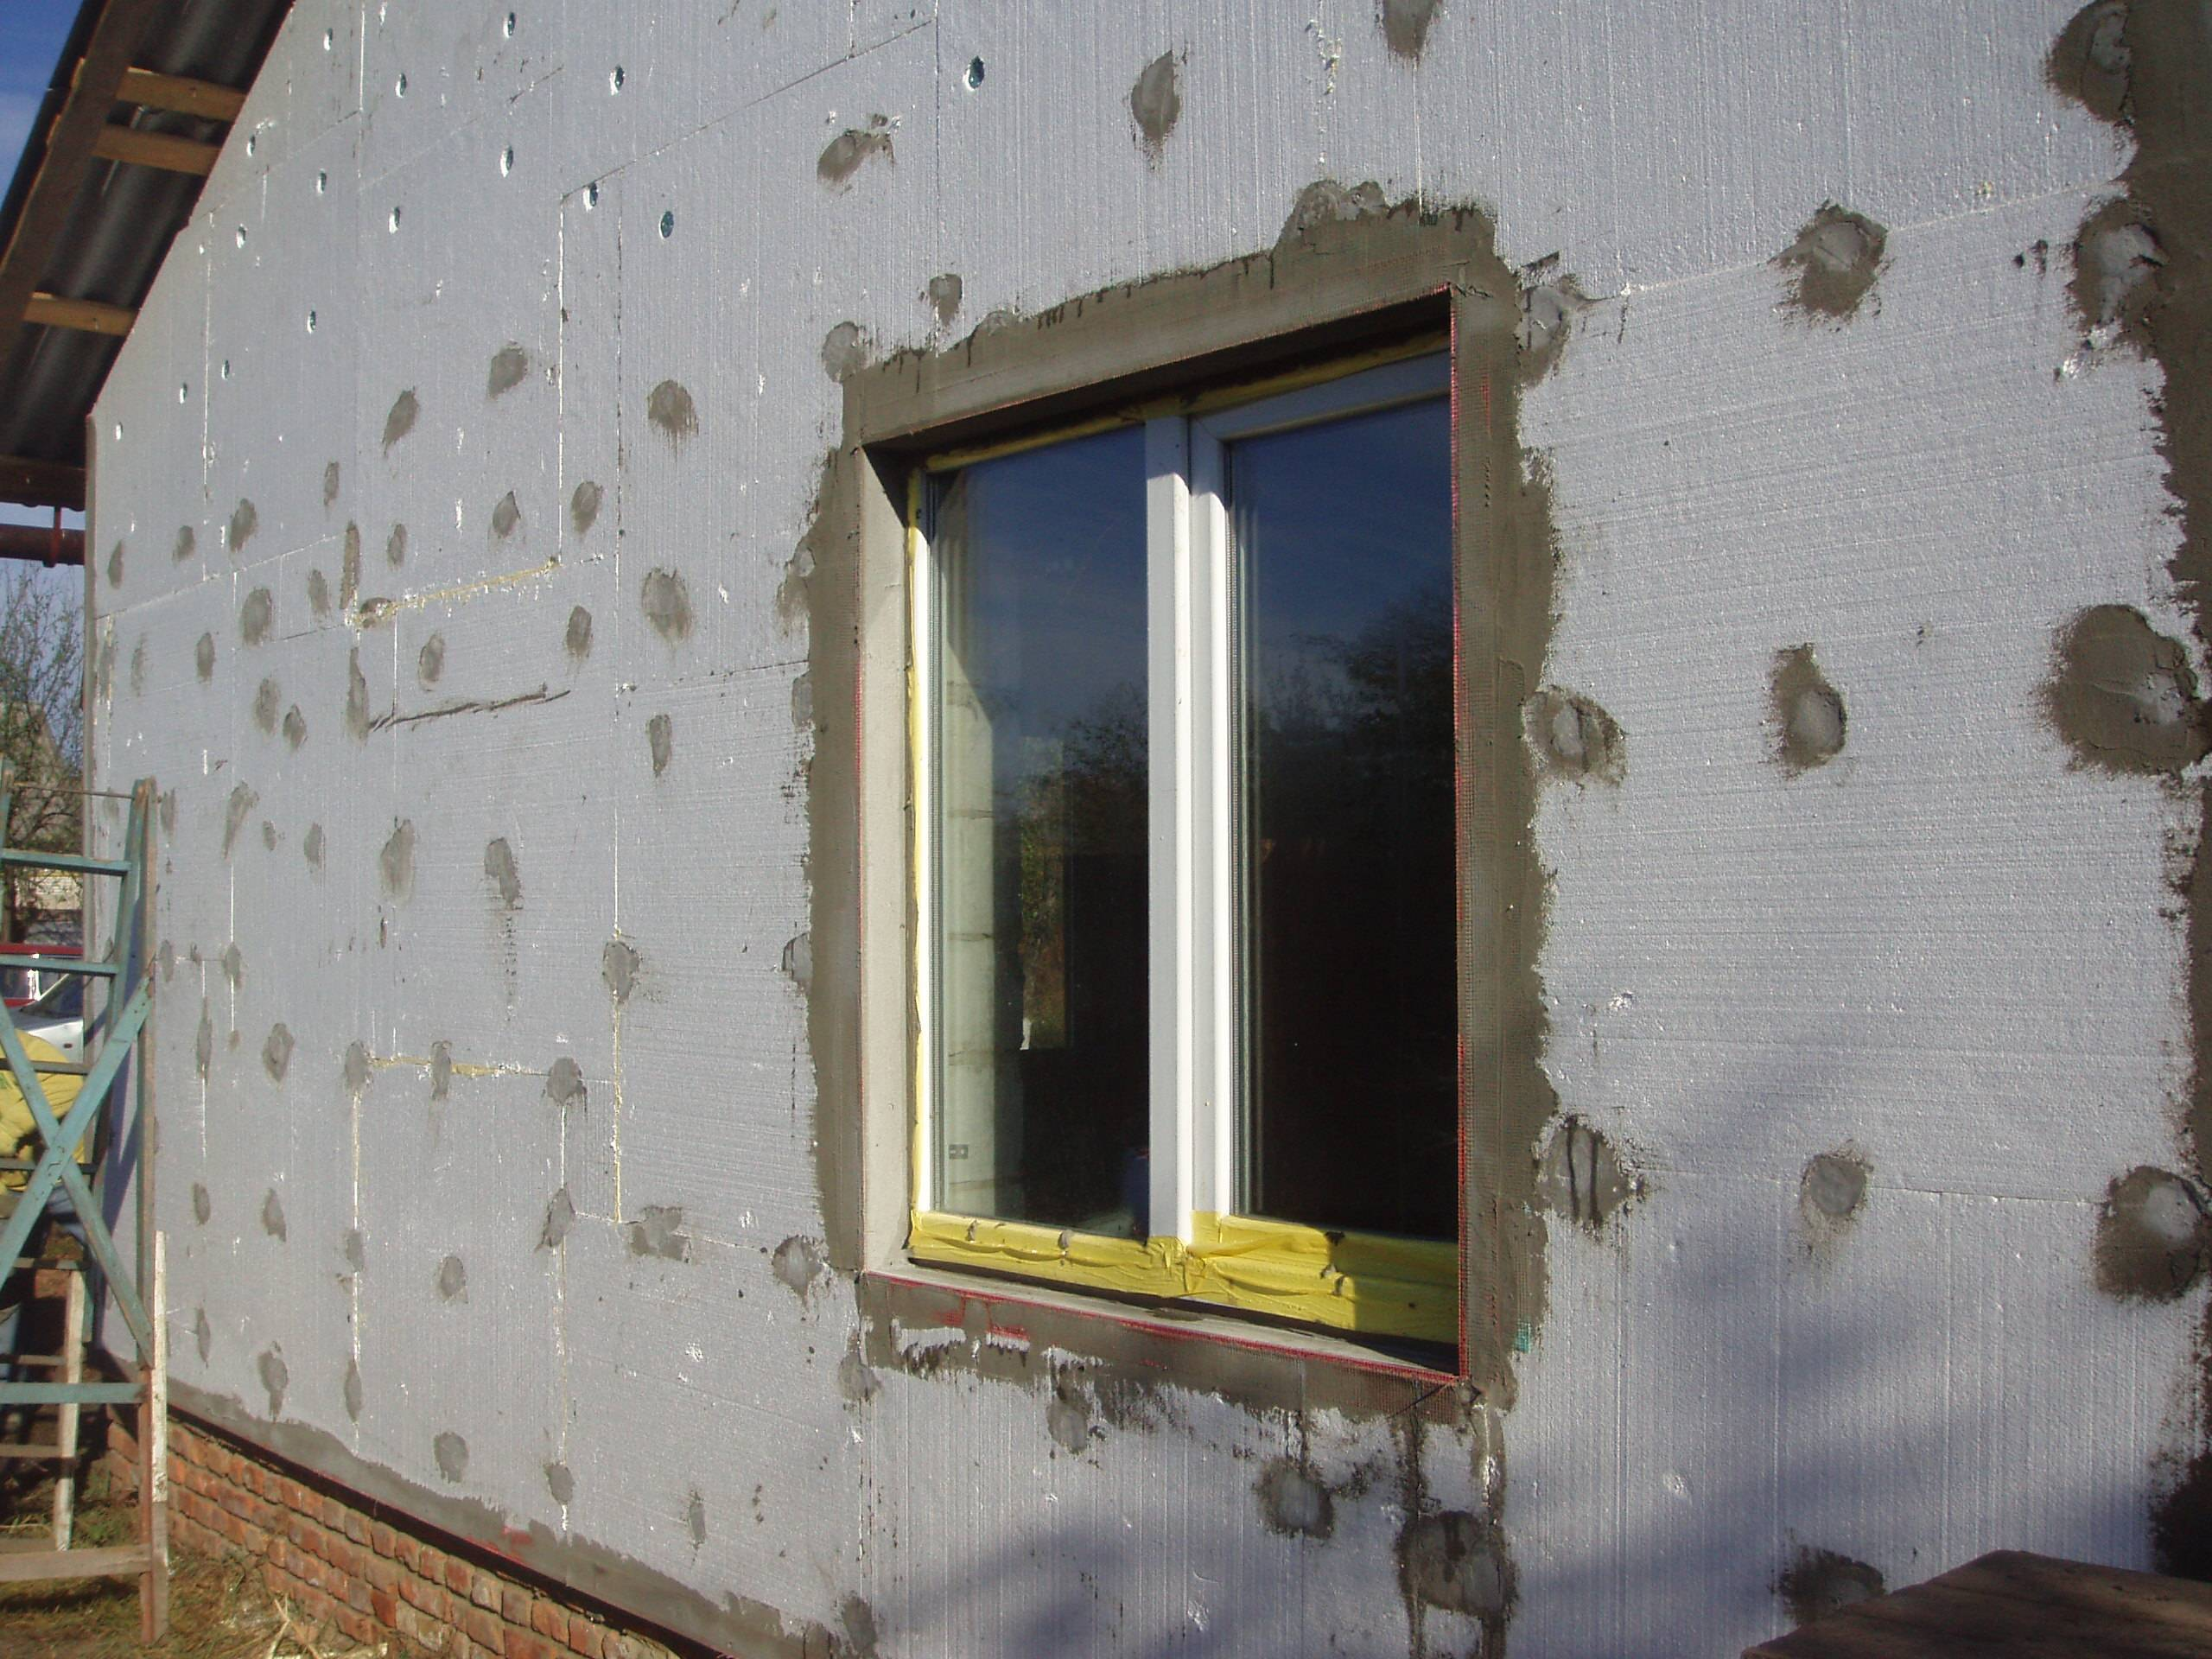 Чем штукатурить пеноплекс снаружи дома: оштукатуривание цоколя, как шпаклевать фасад, декоративная грунтовка внутри помещения своими руками